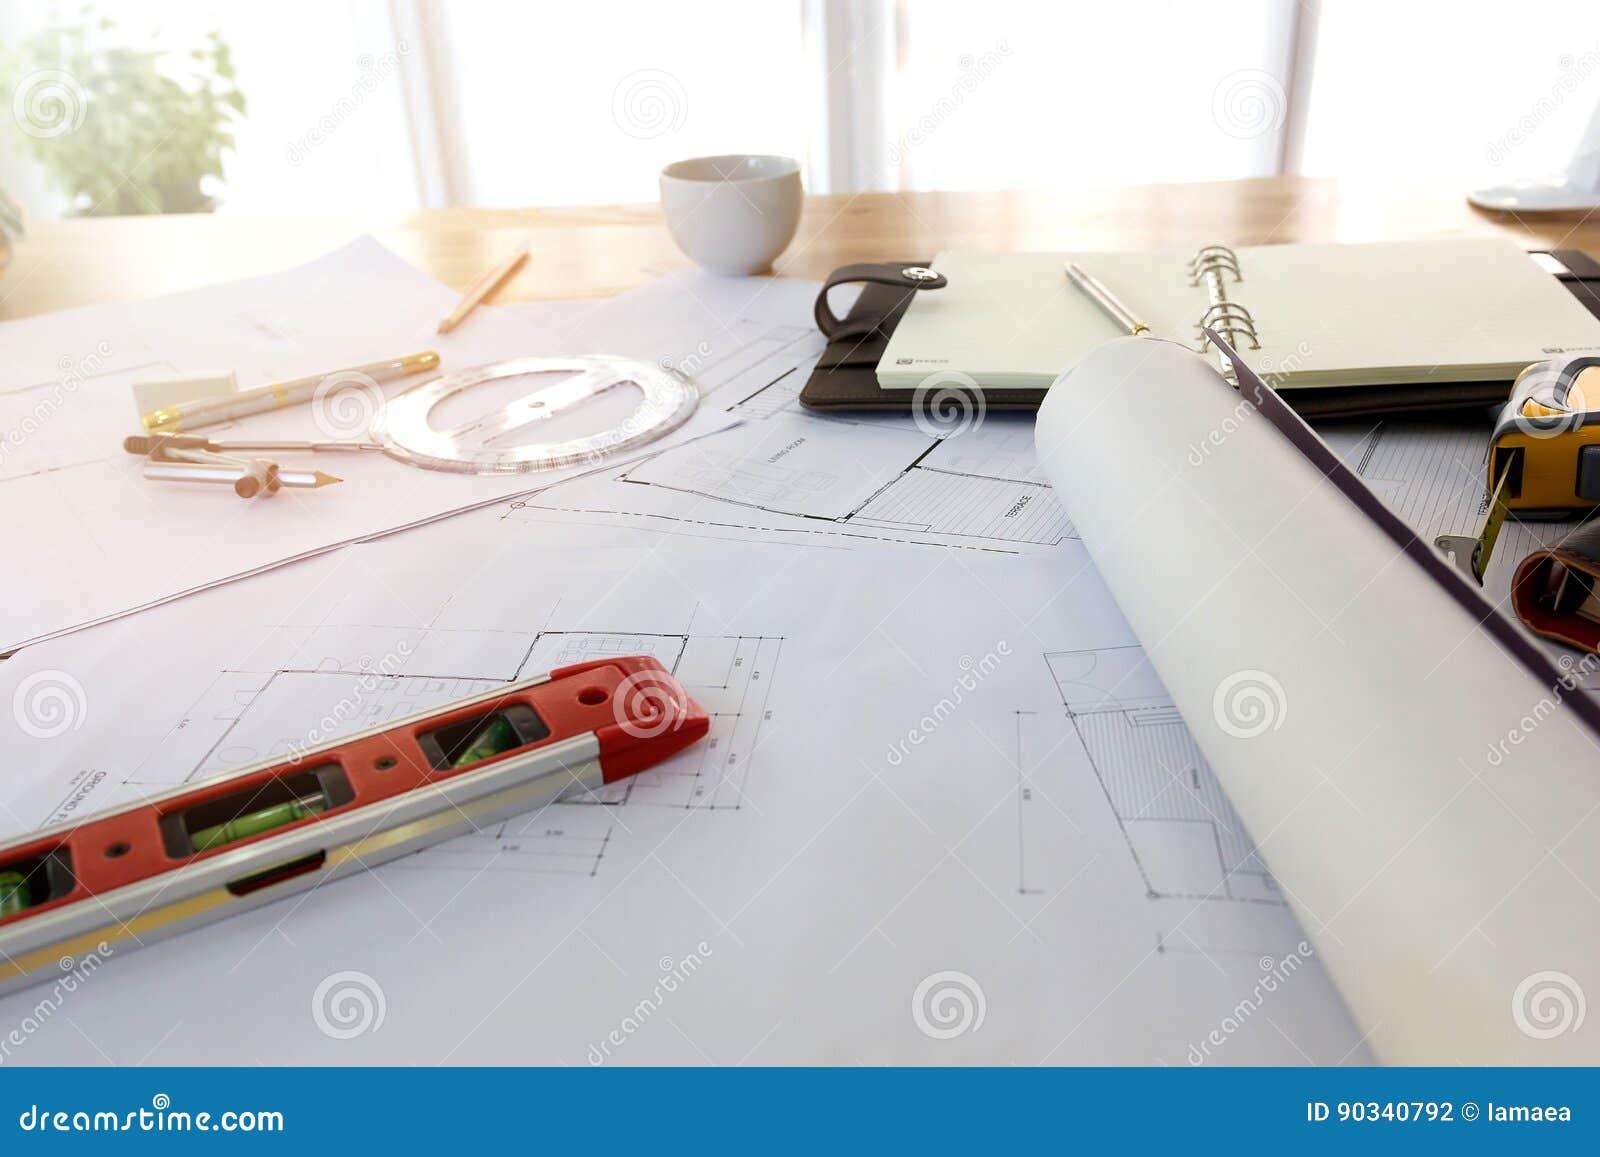 Pläne, Hardhat, Gläser, Aufkleber, Bauniveau, Stift im Architekturbüro